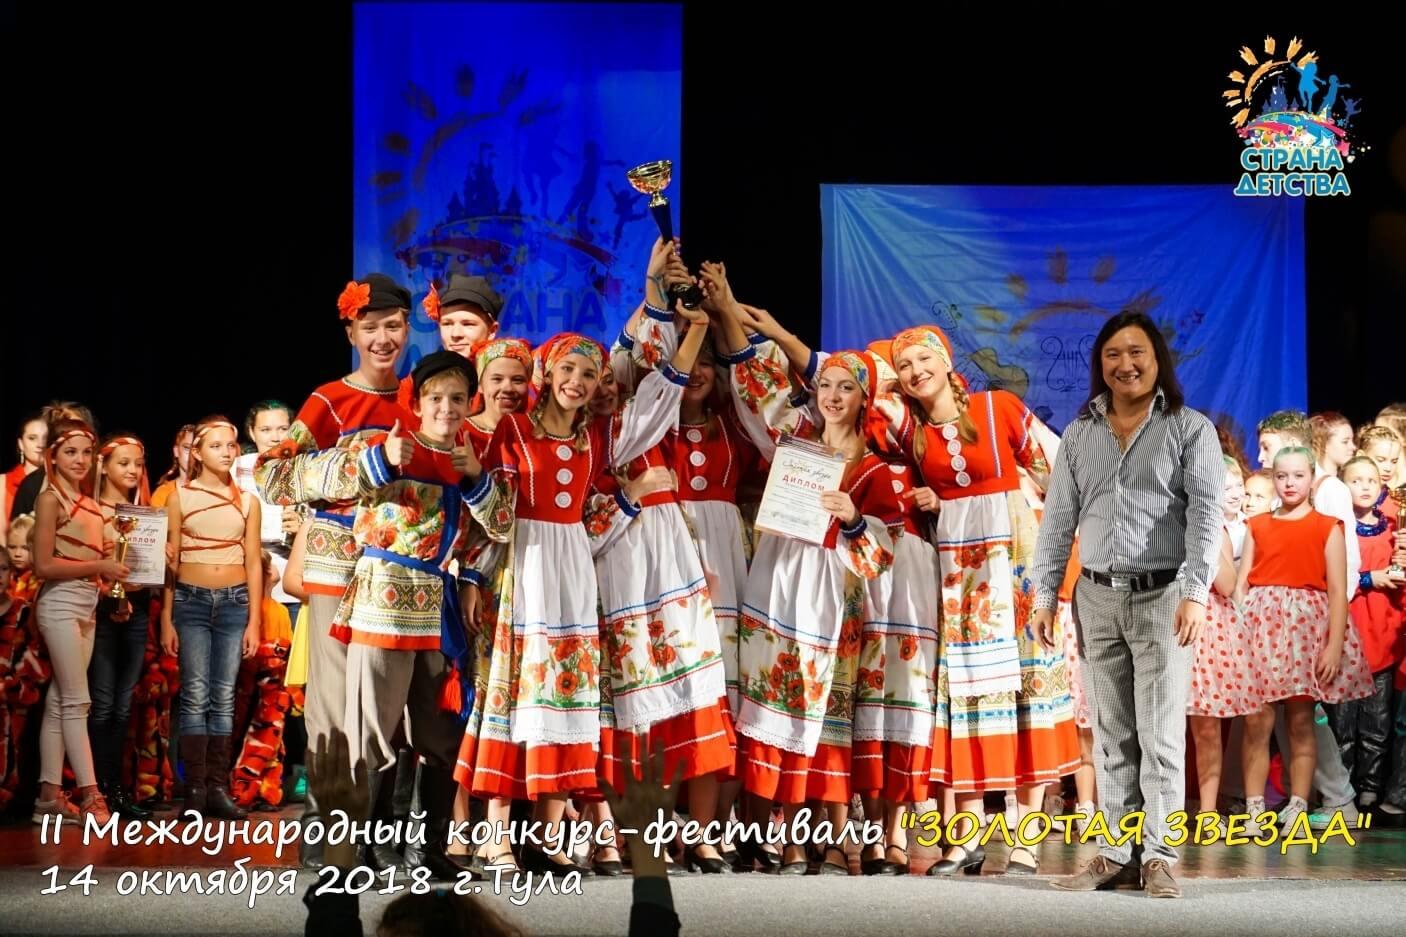 IV Международный фестиваль-конкурс детского, юношеского и взрослого творчества «ЗОЛОТАЯ ЗВЕЗДА»